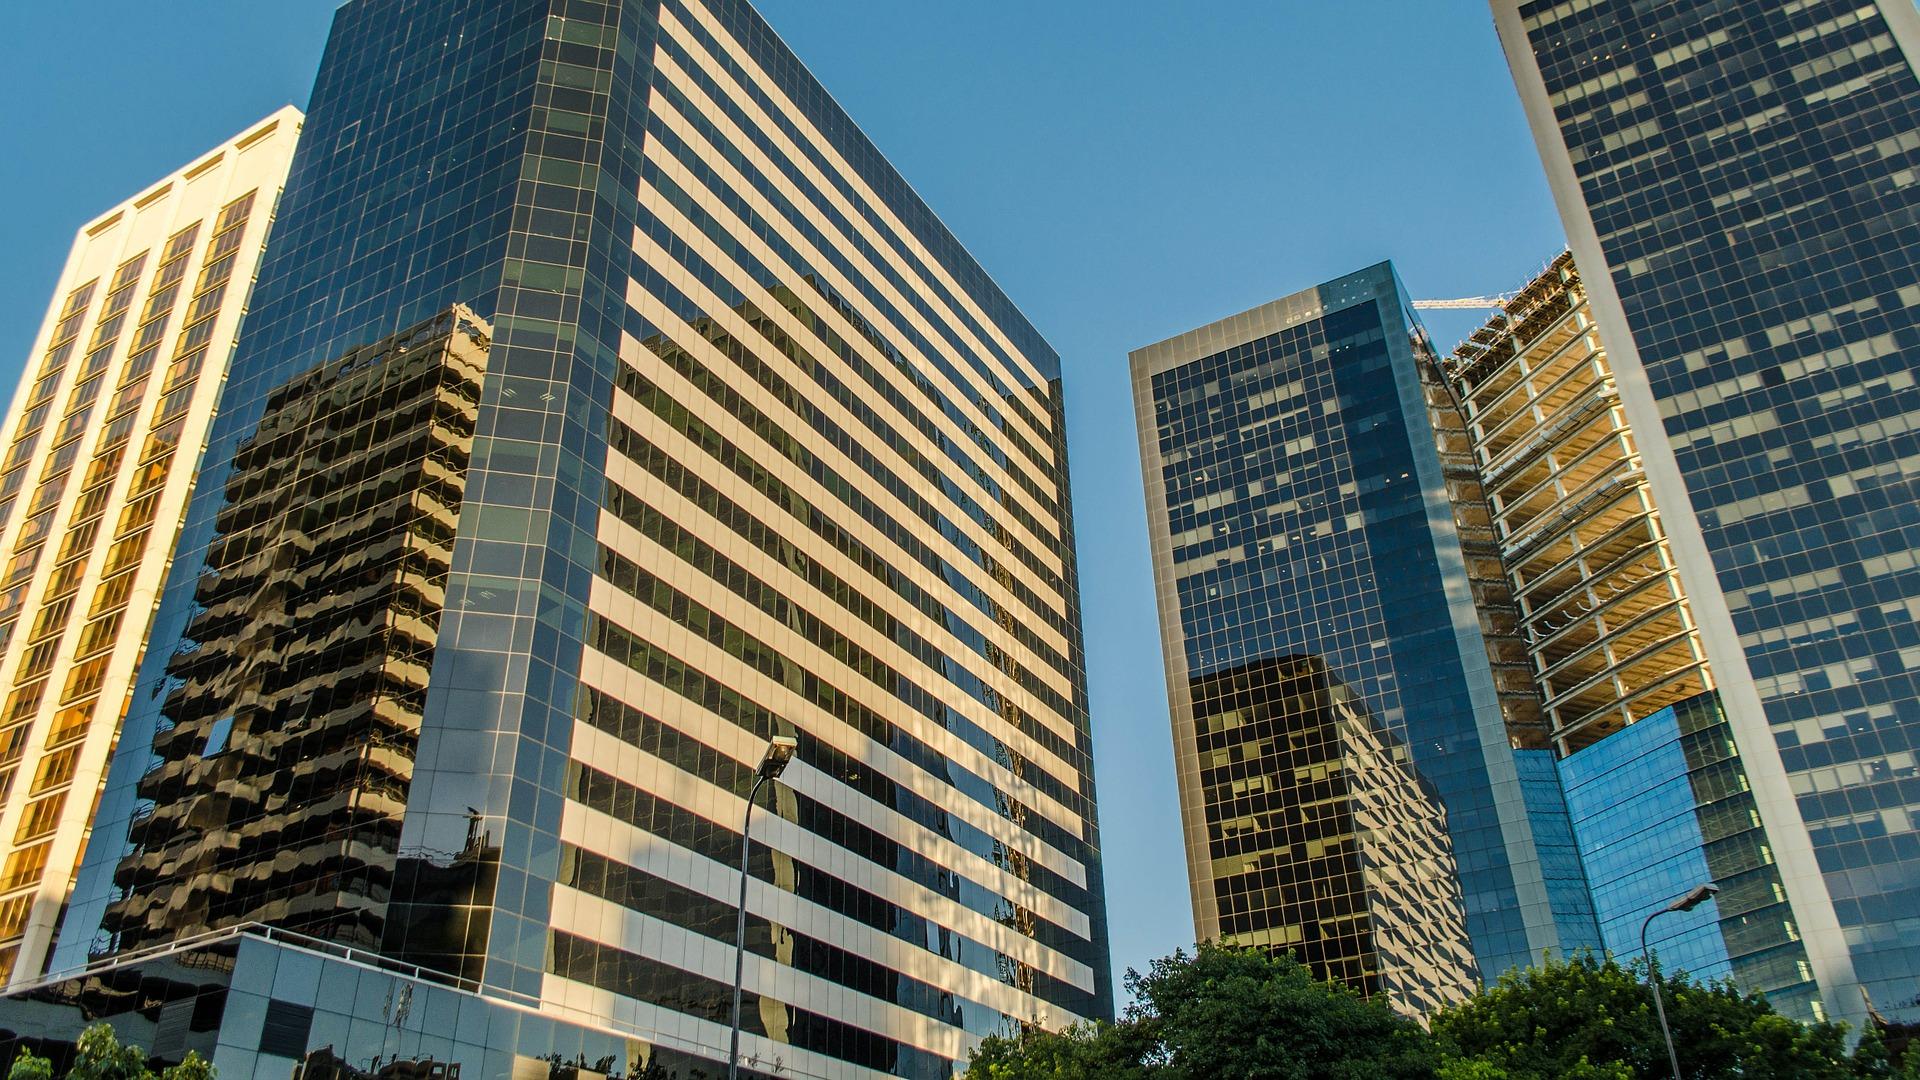 El 58% de los porteños se cambiaría a un edificio más nuevo